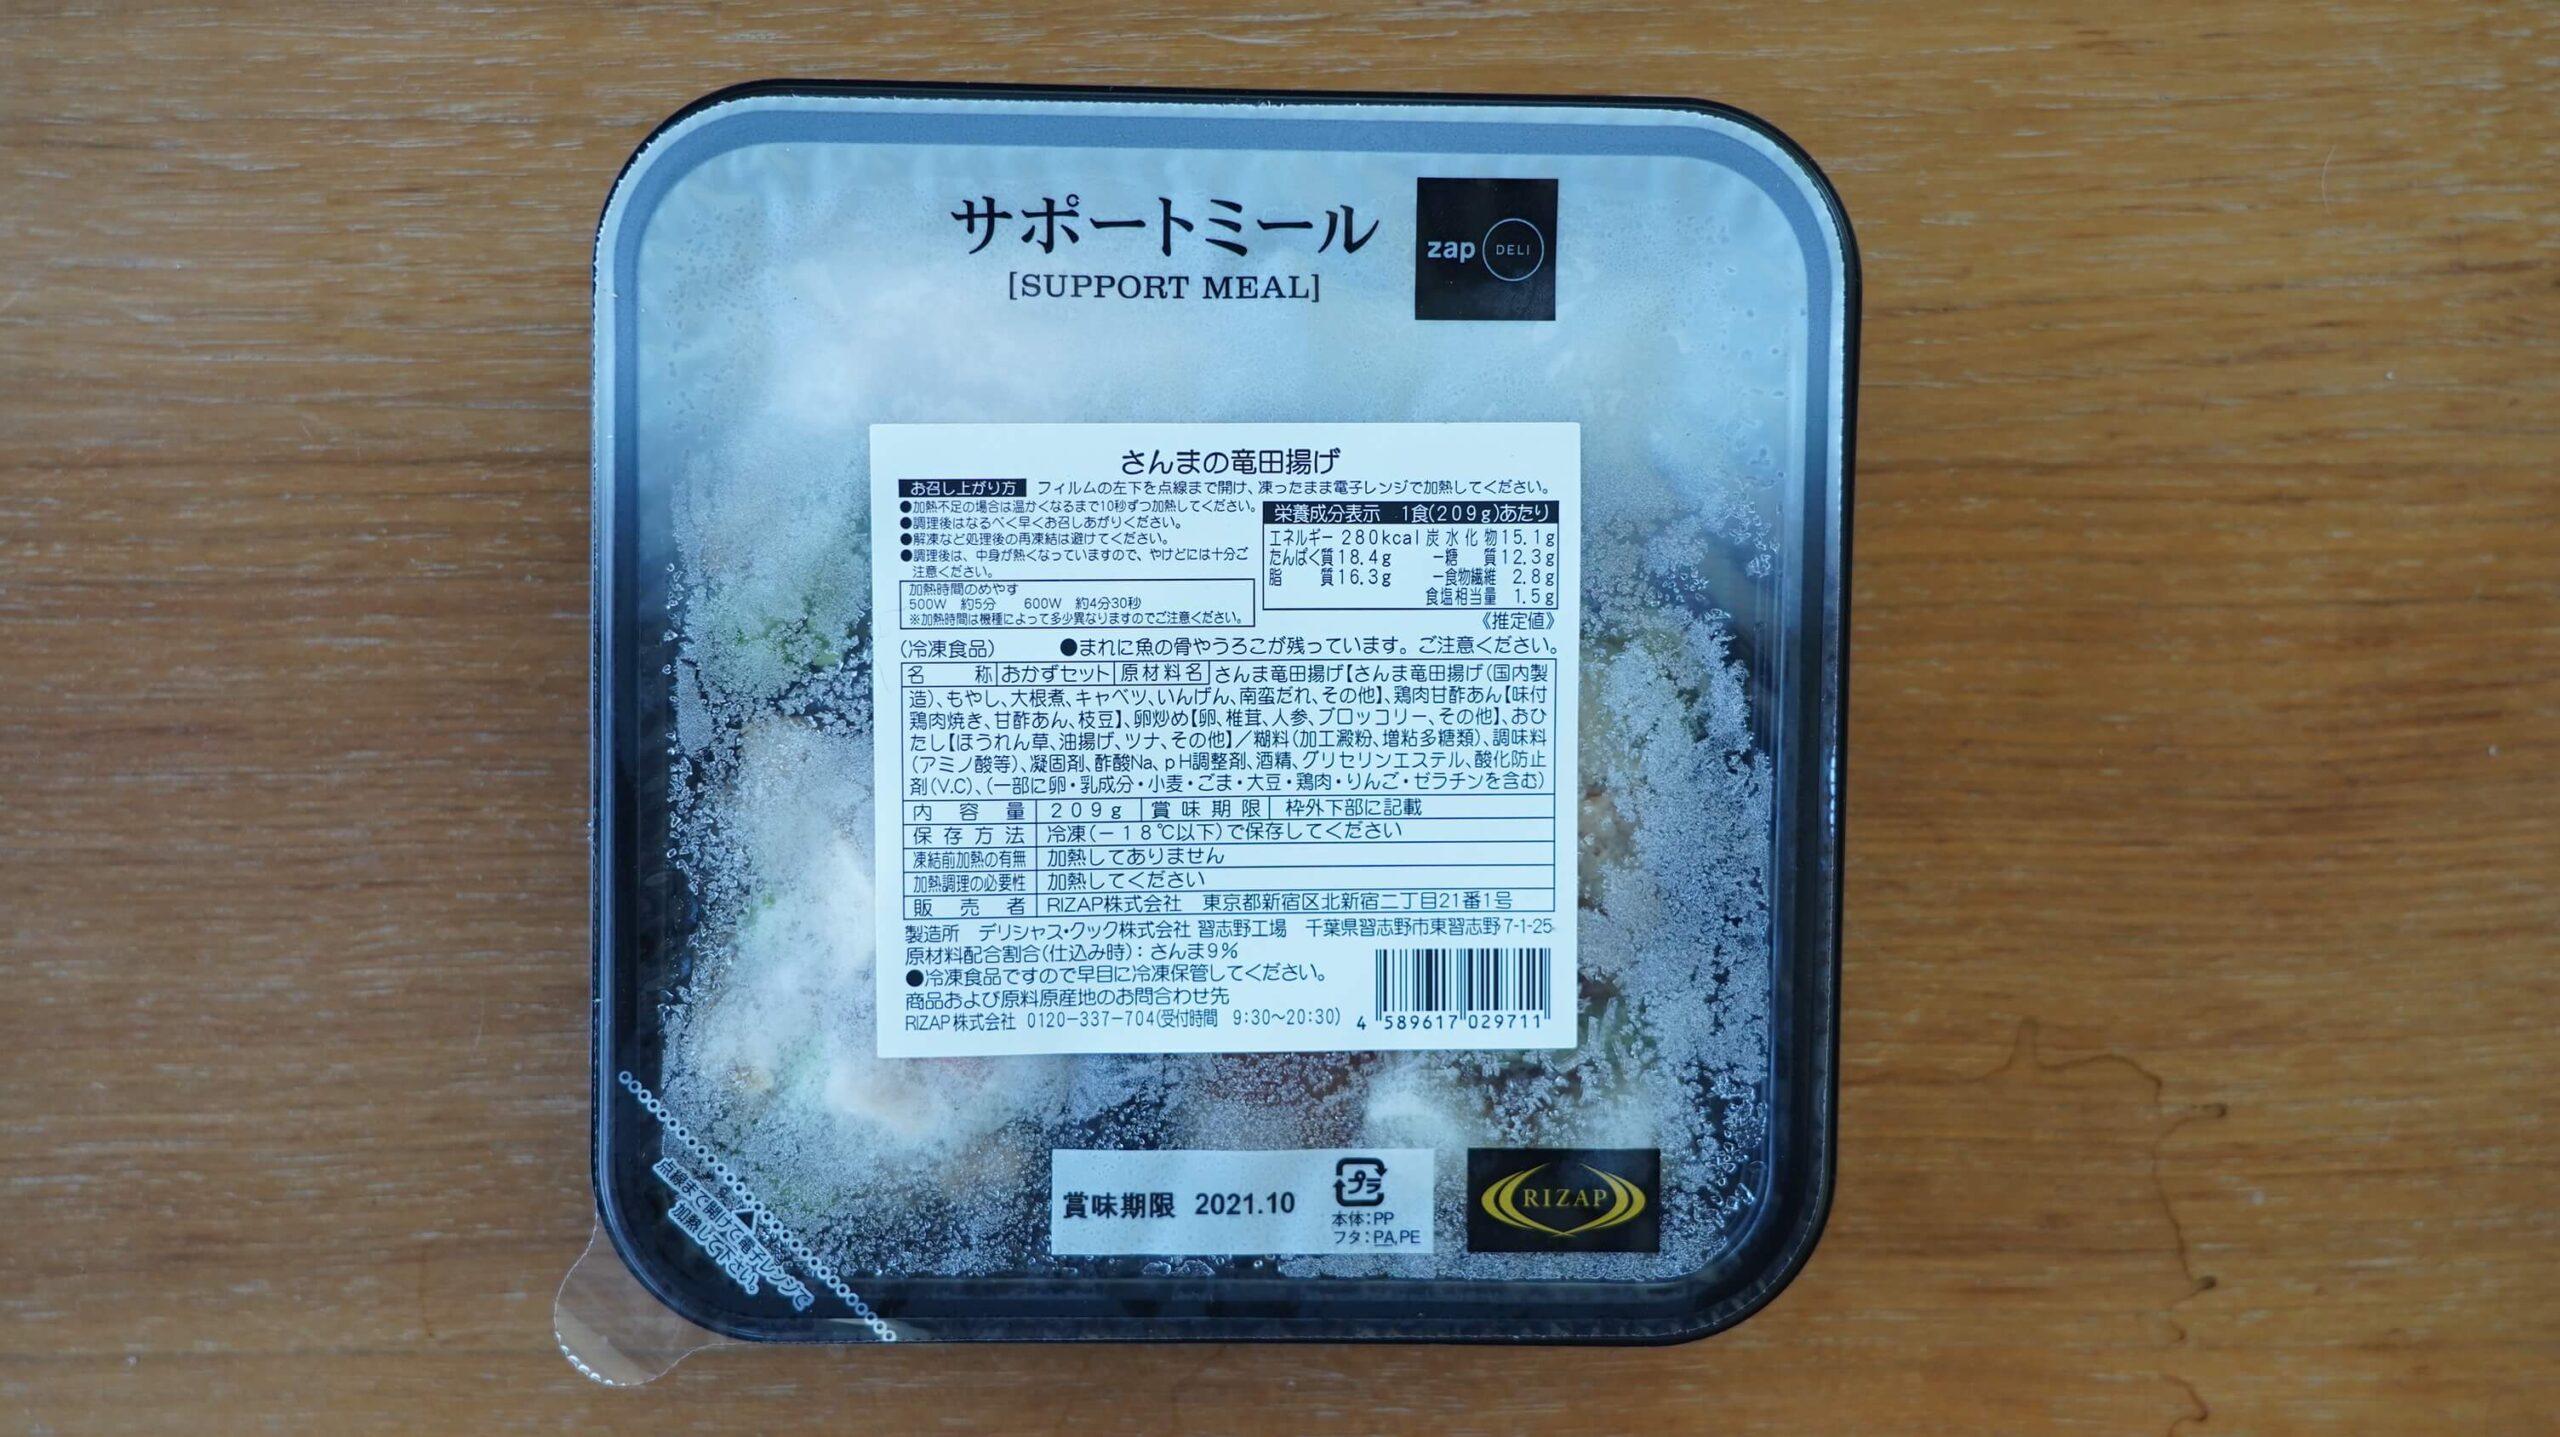 ライザップのサポートミール「さんまの竜田揚げ」のパッケージ写真